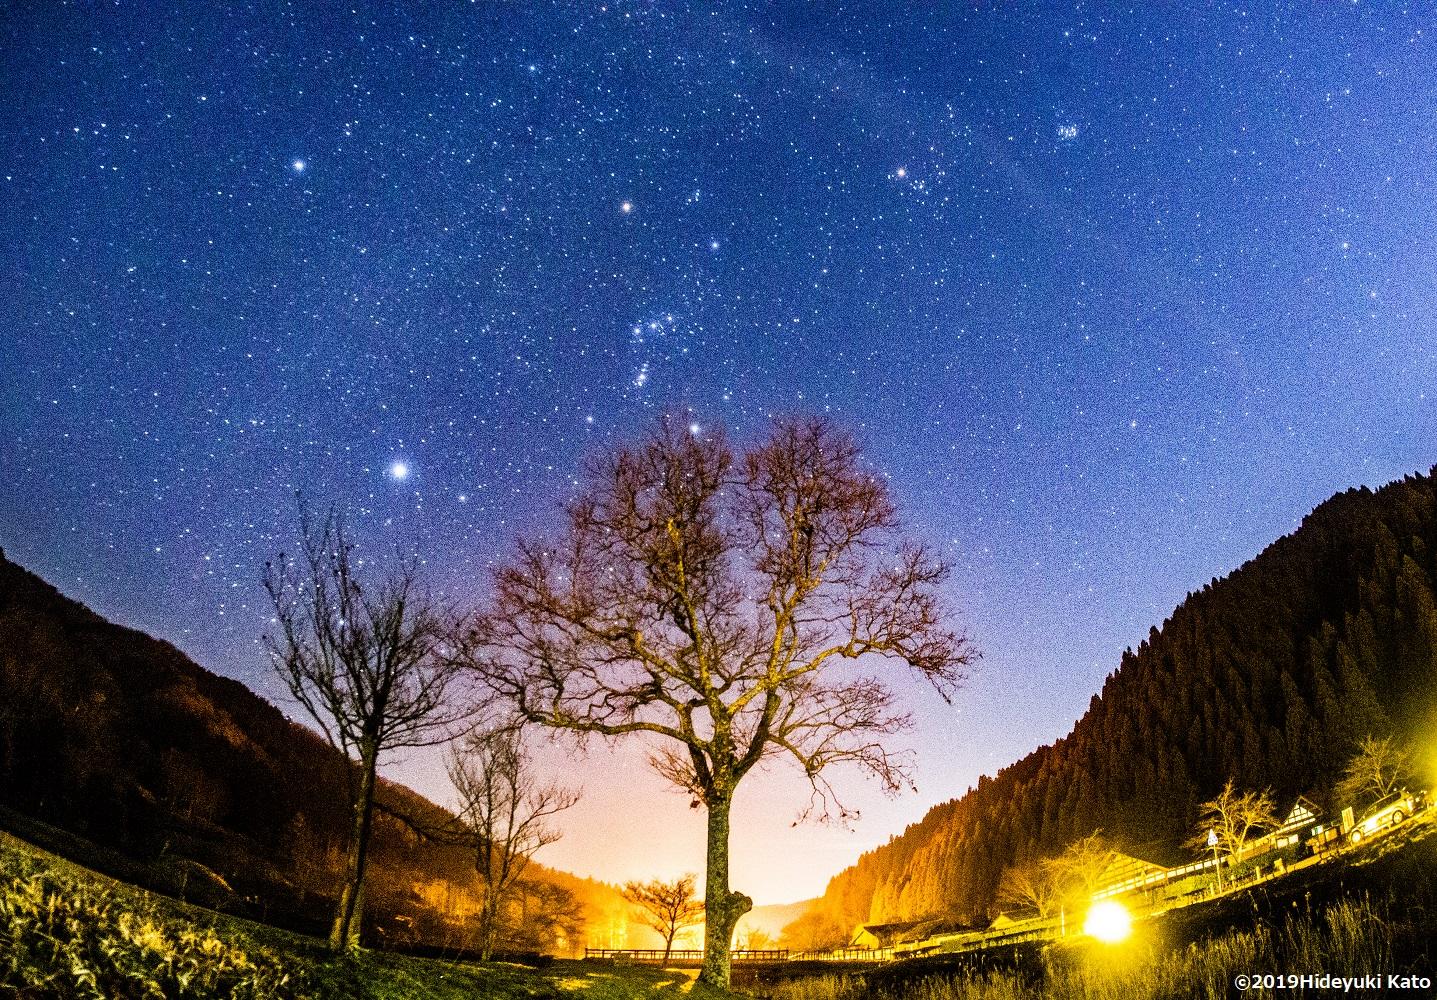 環境省お墨付きの星空! 福井県福井市の一乗谷朝倉氏遺跡で星を見てきました!【ふくい星空写真館】